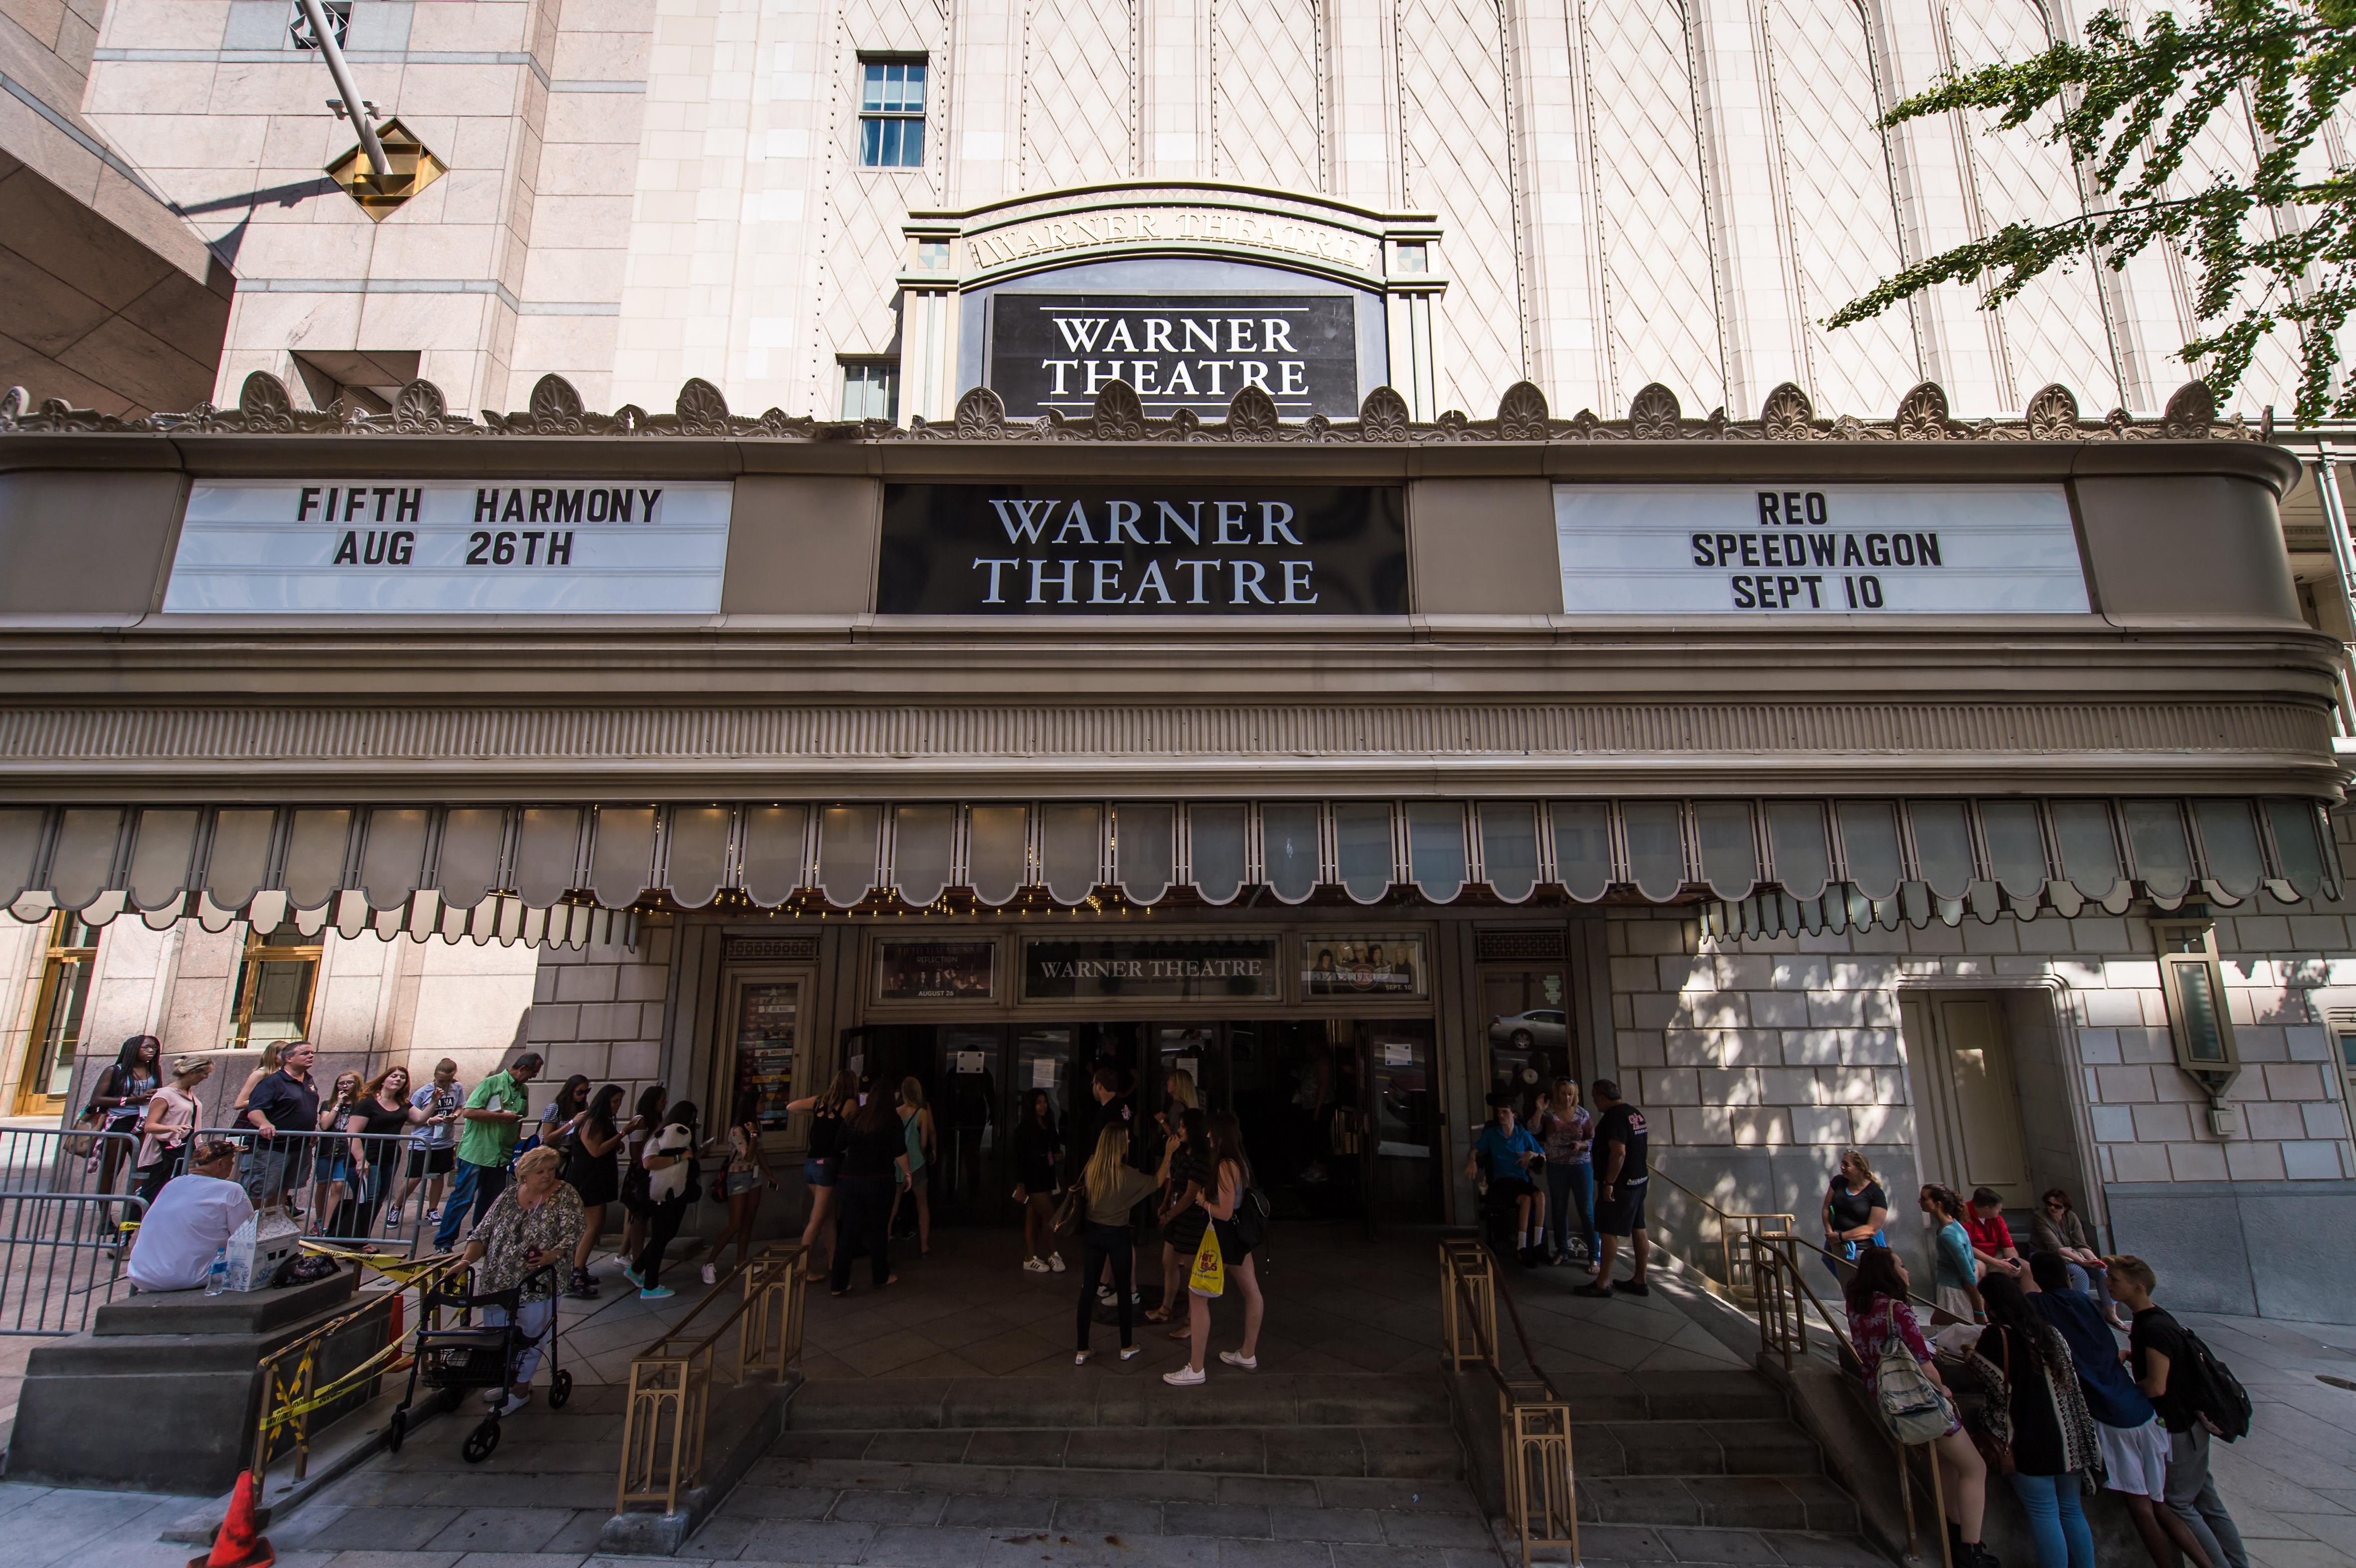 Warner Theatre Parking